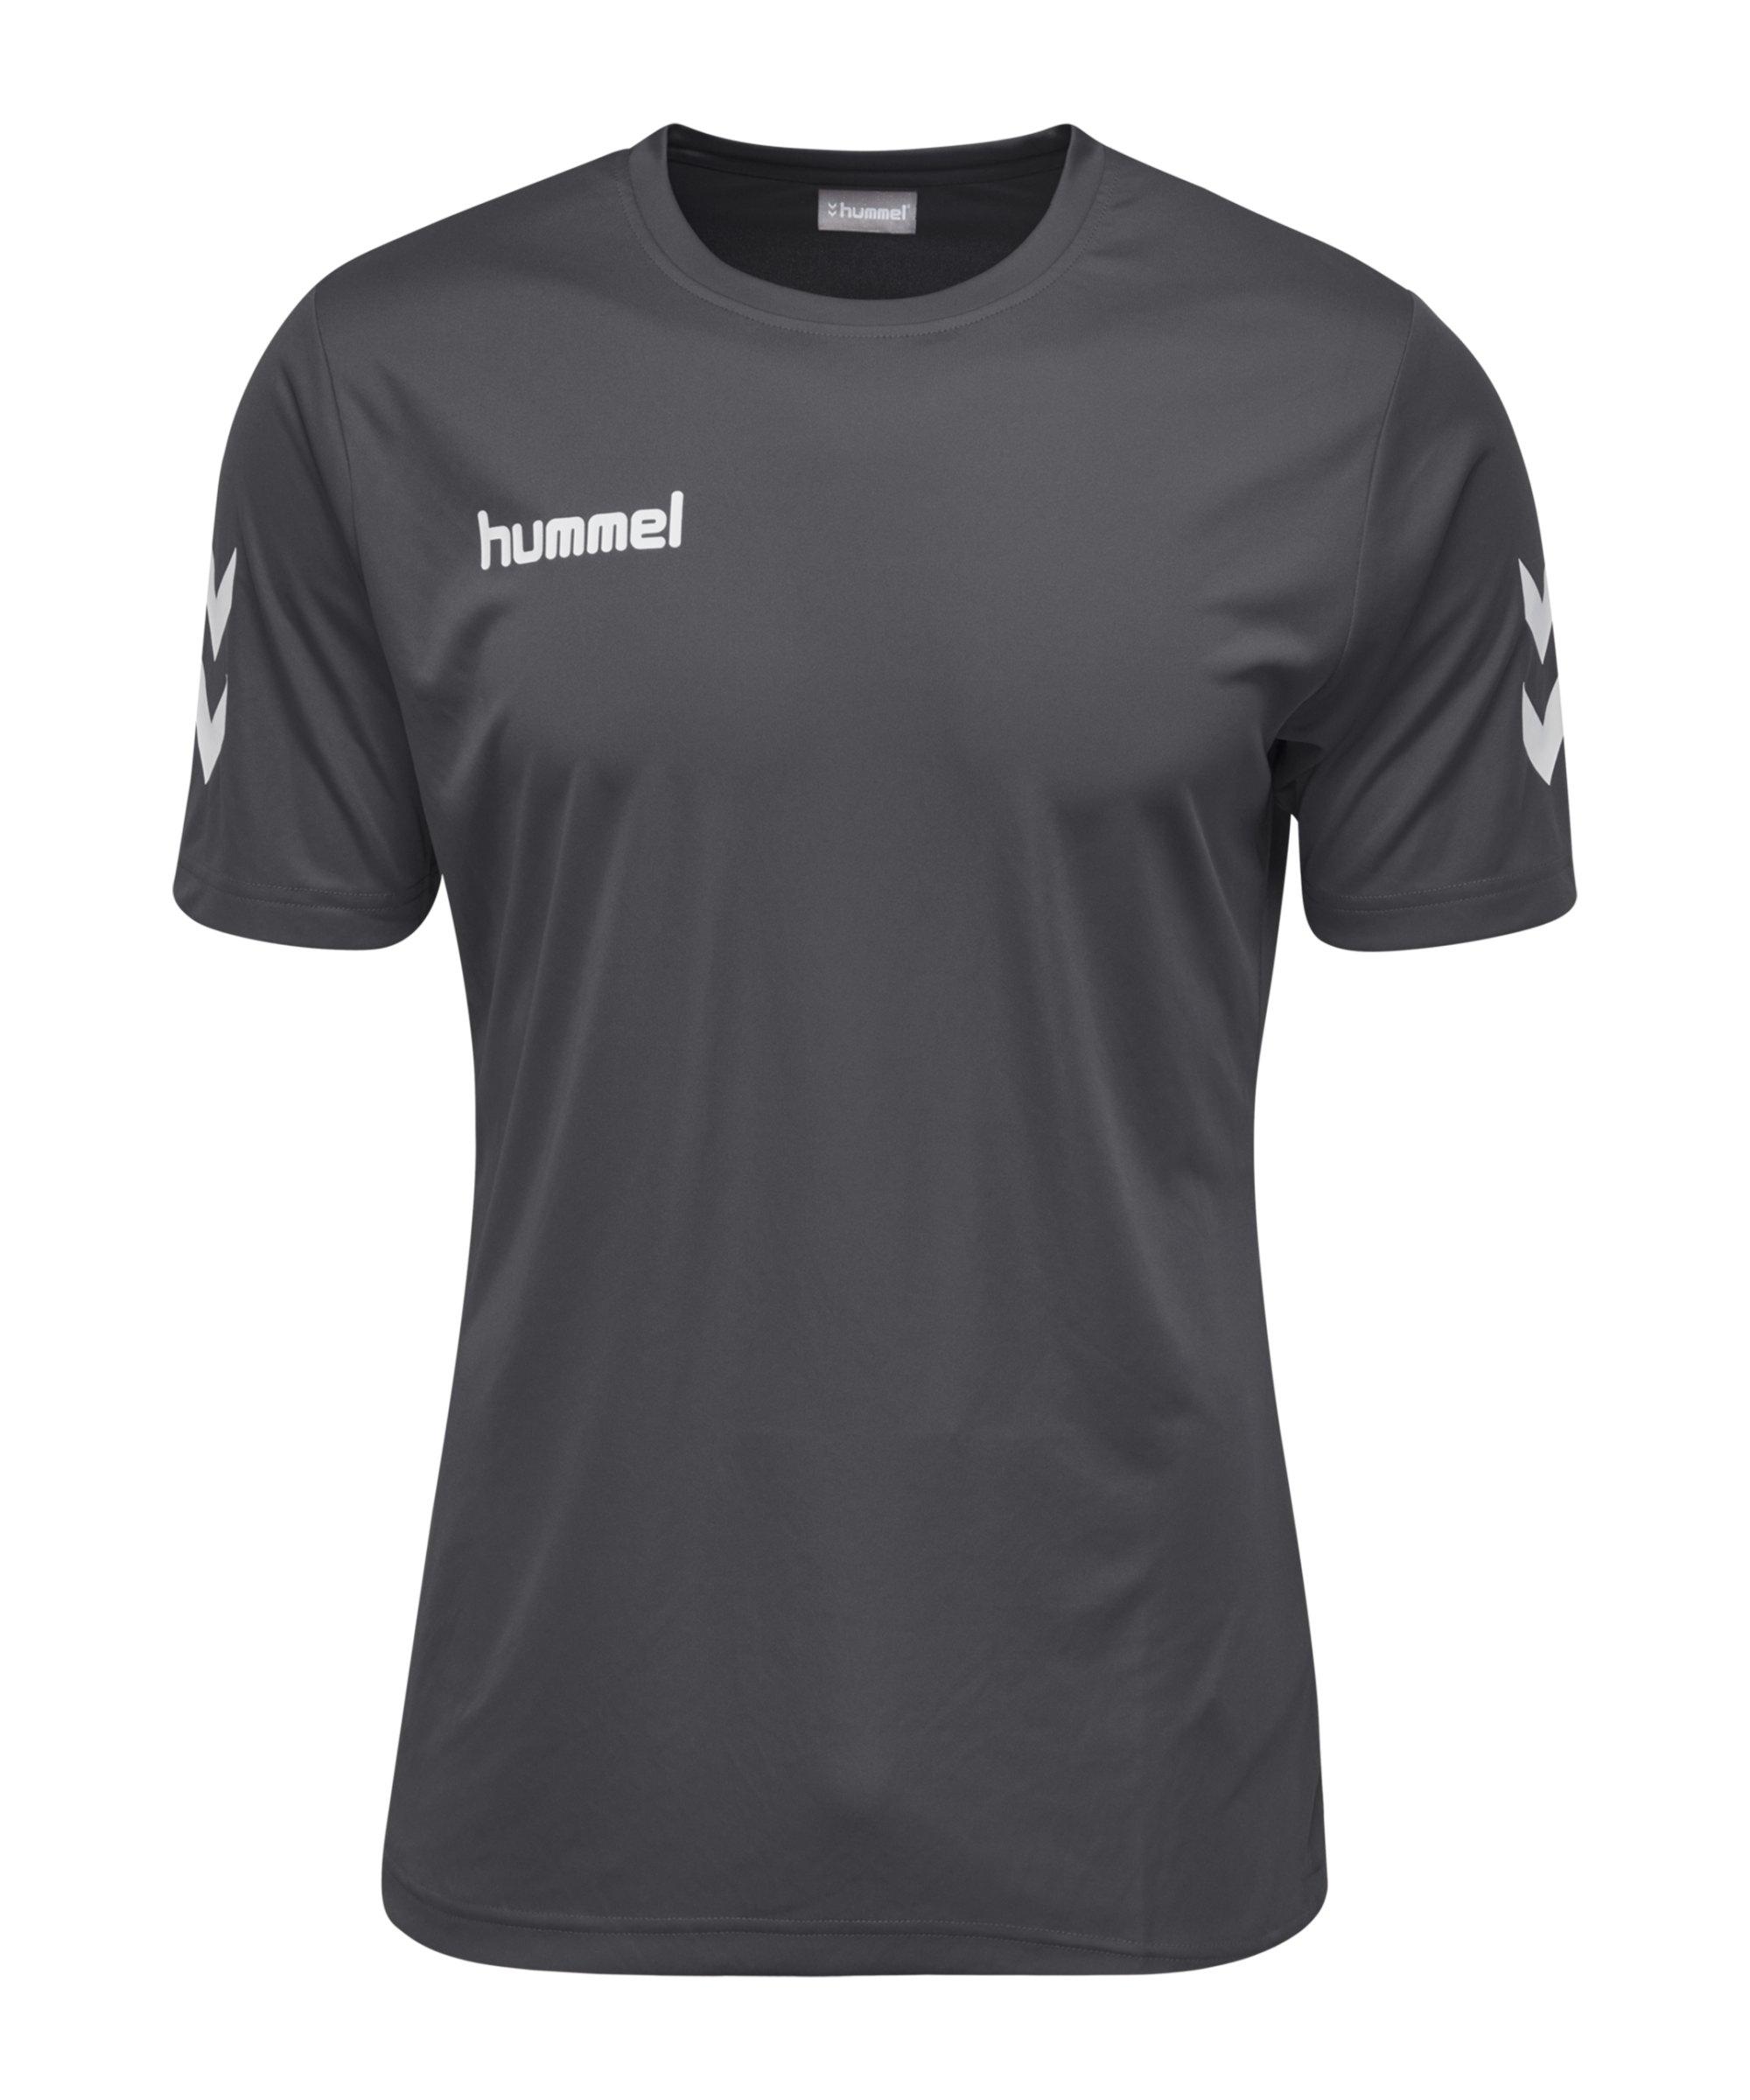 Hummel Core Polyester T-Shirt Kids Grau F1525 - grau